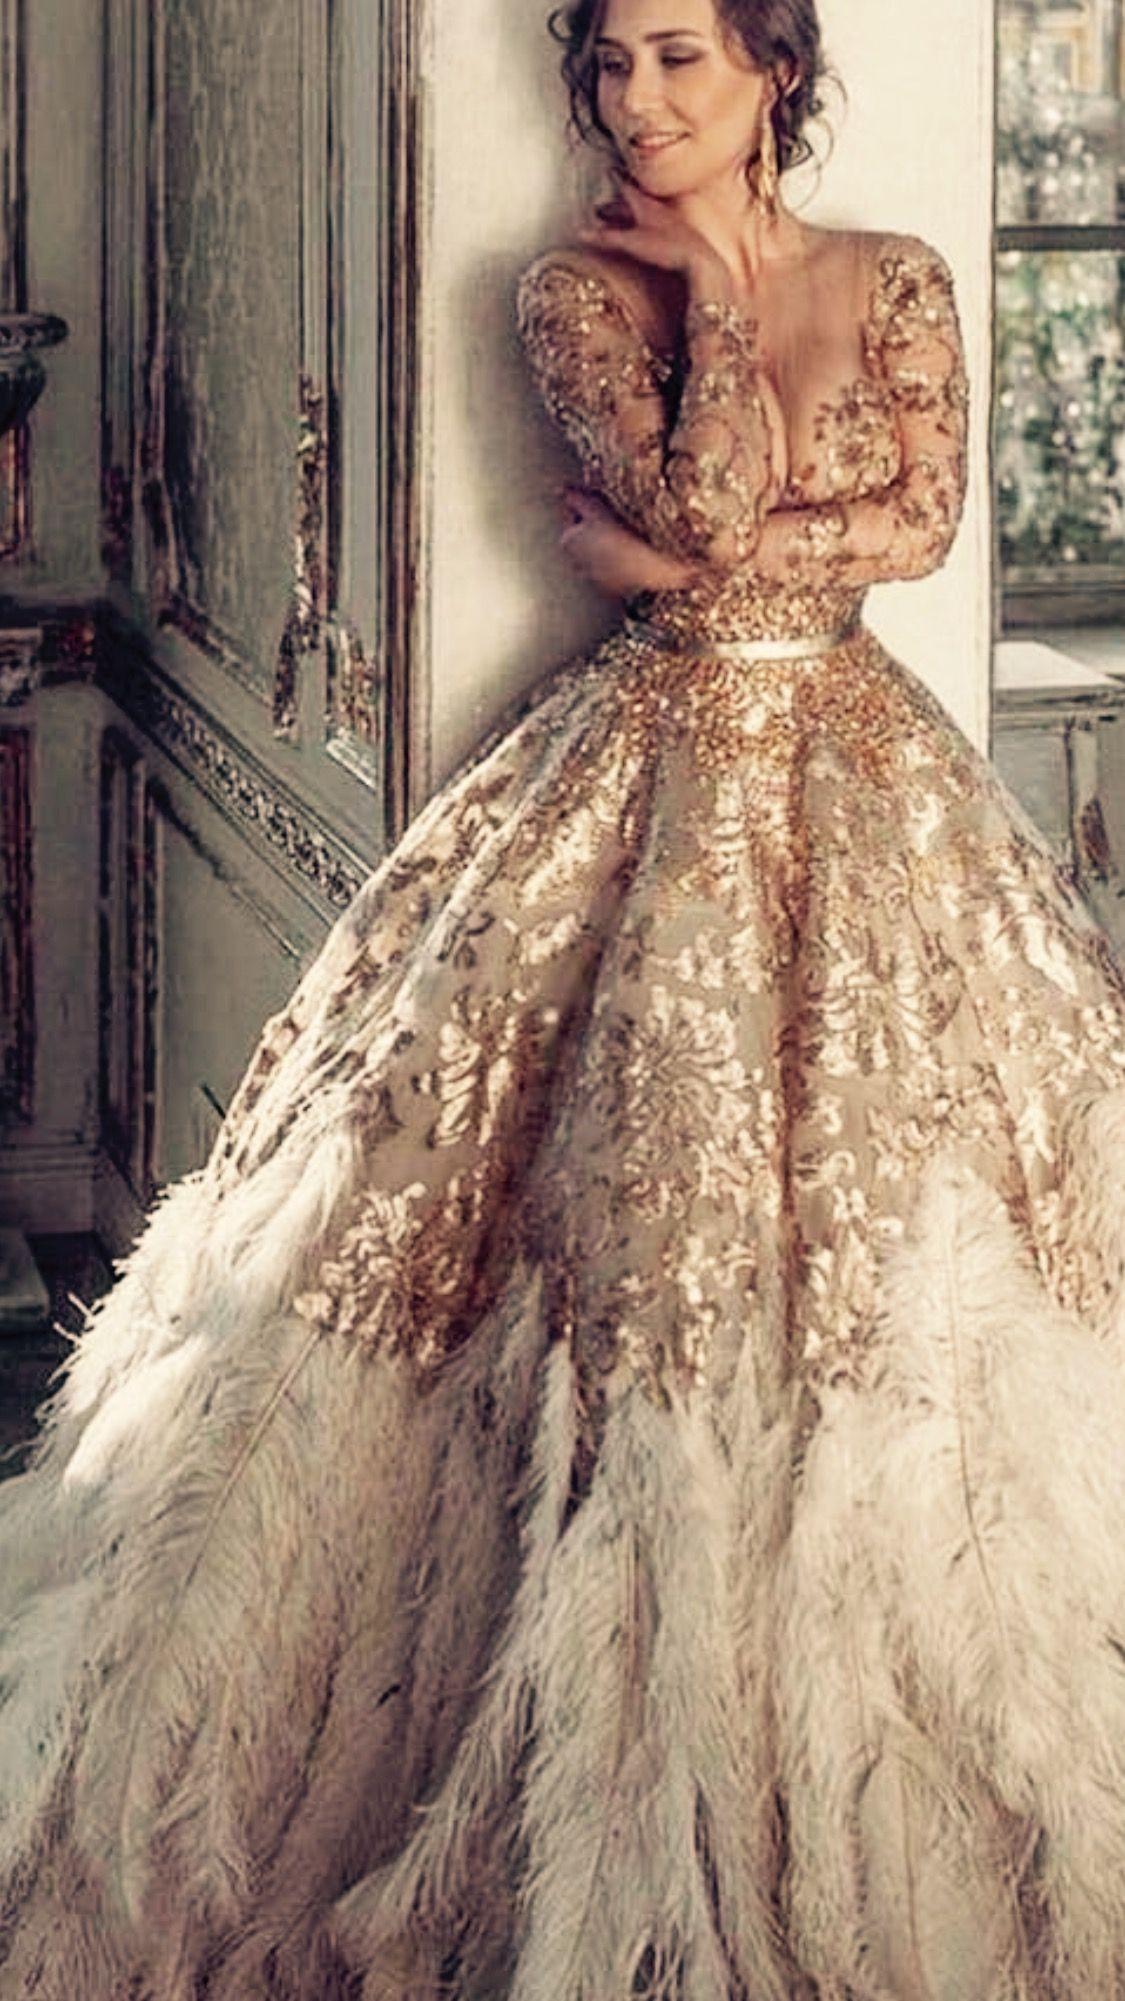 10 Genial Extravagante Abendkleider Spezialgebiet13 Schön Extravagante Abendkleider Ärmel